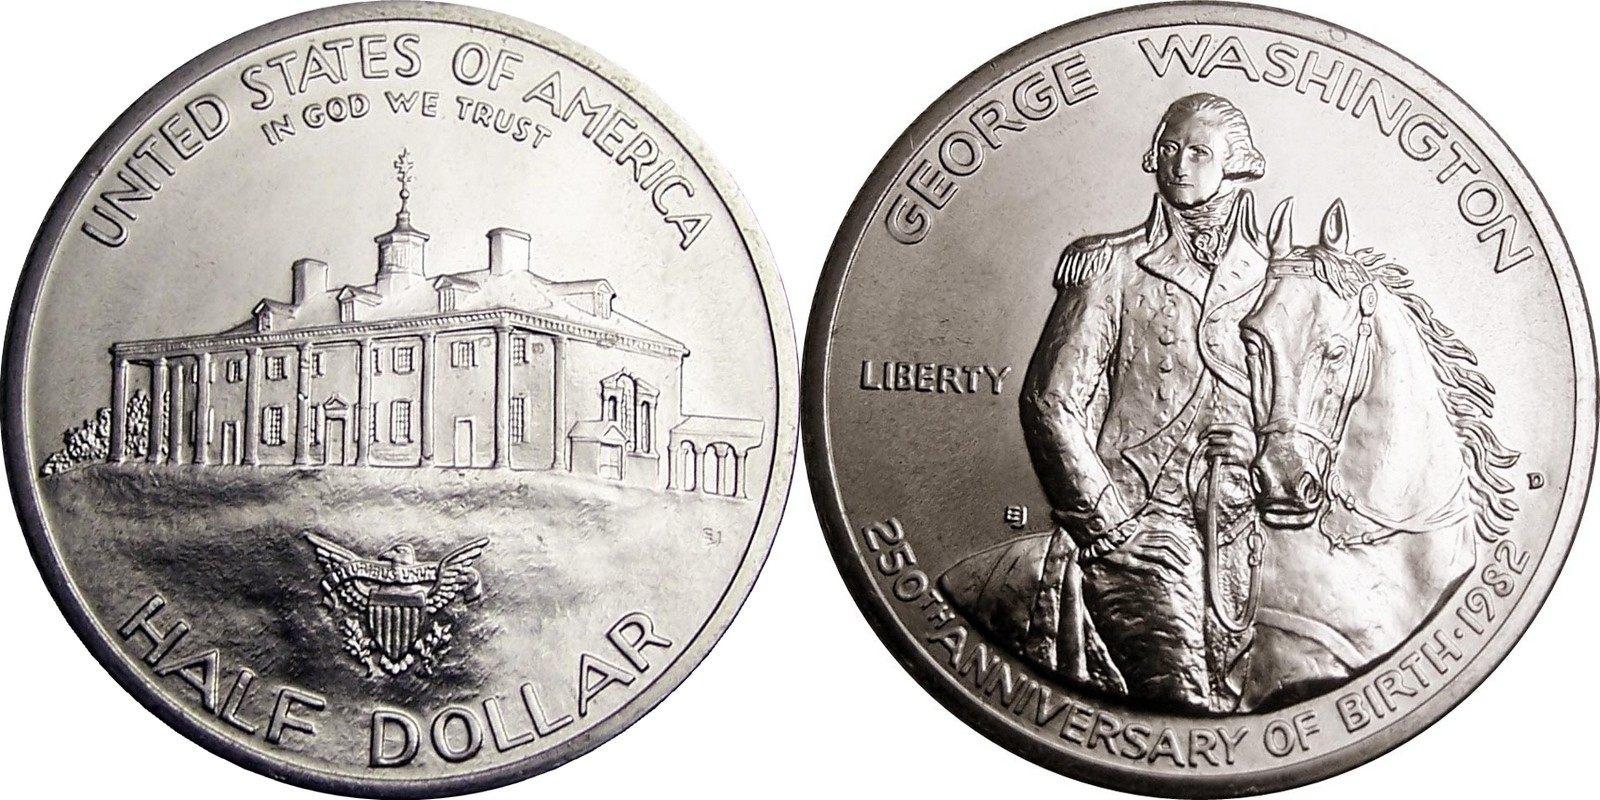 5долларов сша золото 1986г 100лет статуе свобода описание пуркуа па корабль